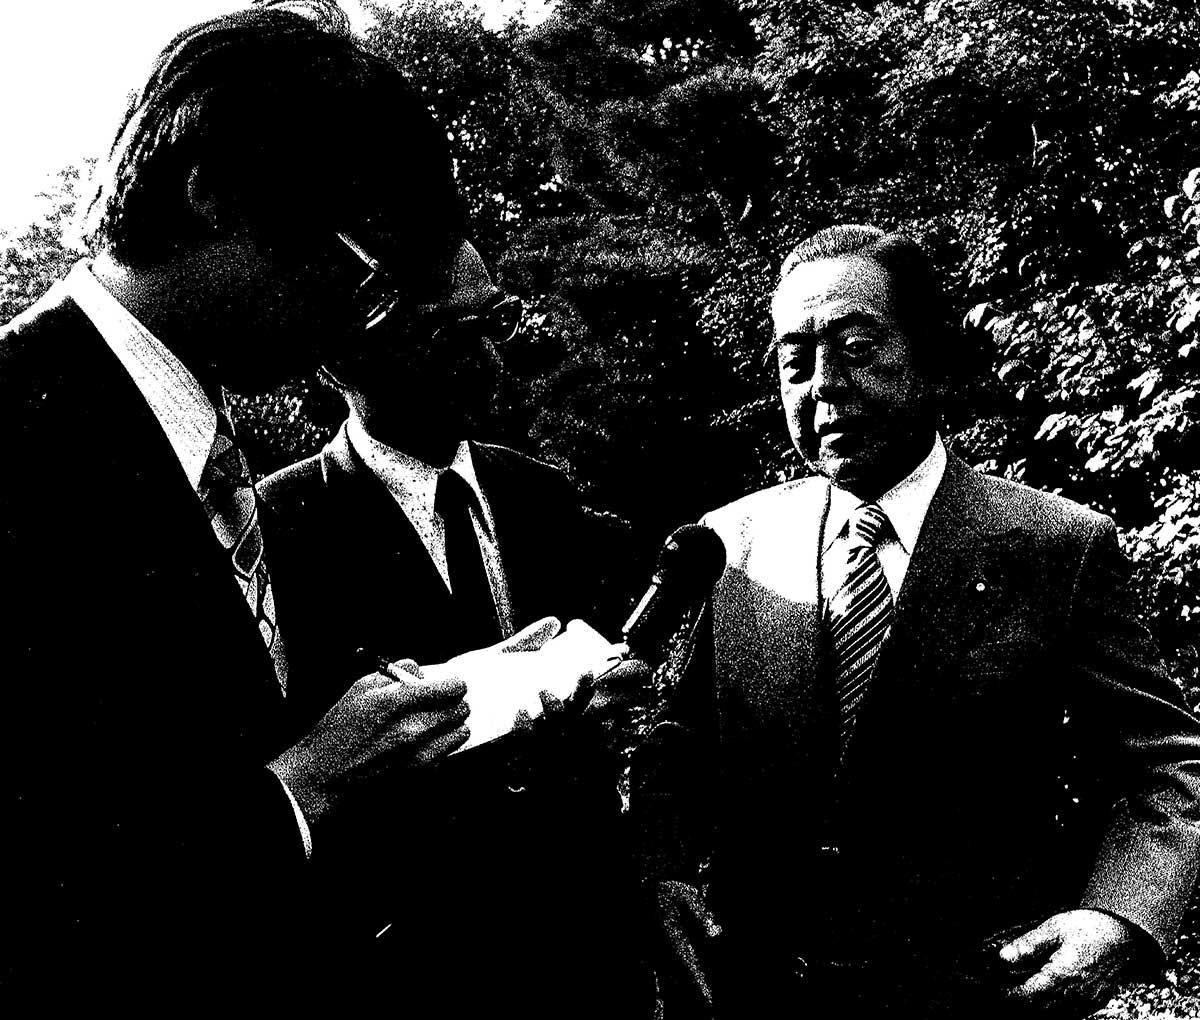 昭和49年(1974年)10月9日、早朝、佐藤栄作ノーベル平和賞決定の取材。東京・世田谷区代沢の佐藤私邸の中庭にて、時事通信・村井記者。